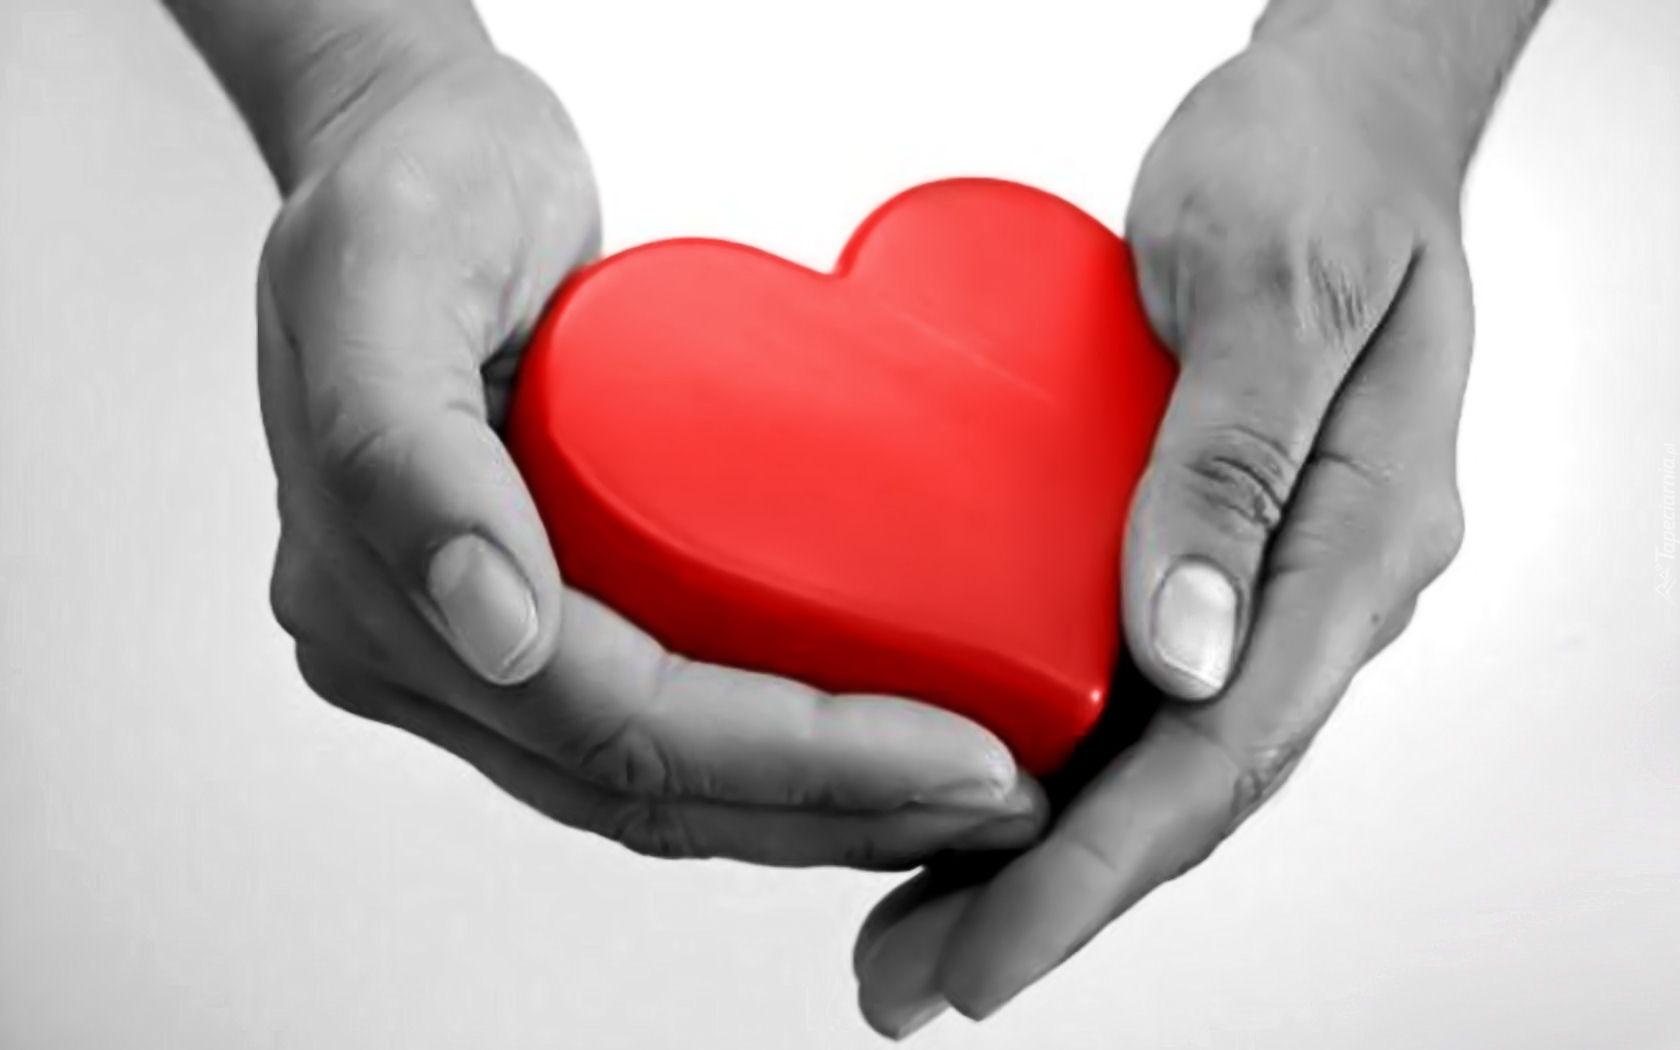 Znalezione obrazy dla zapytania czerwone serce na dłoni